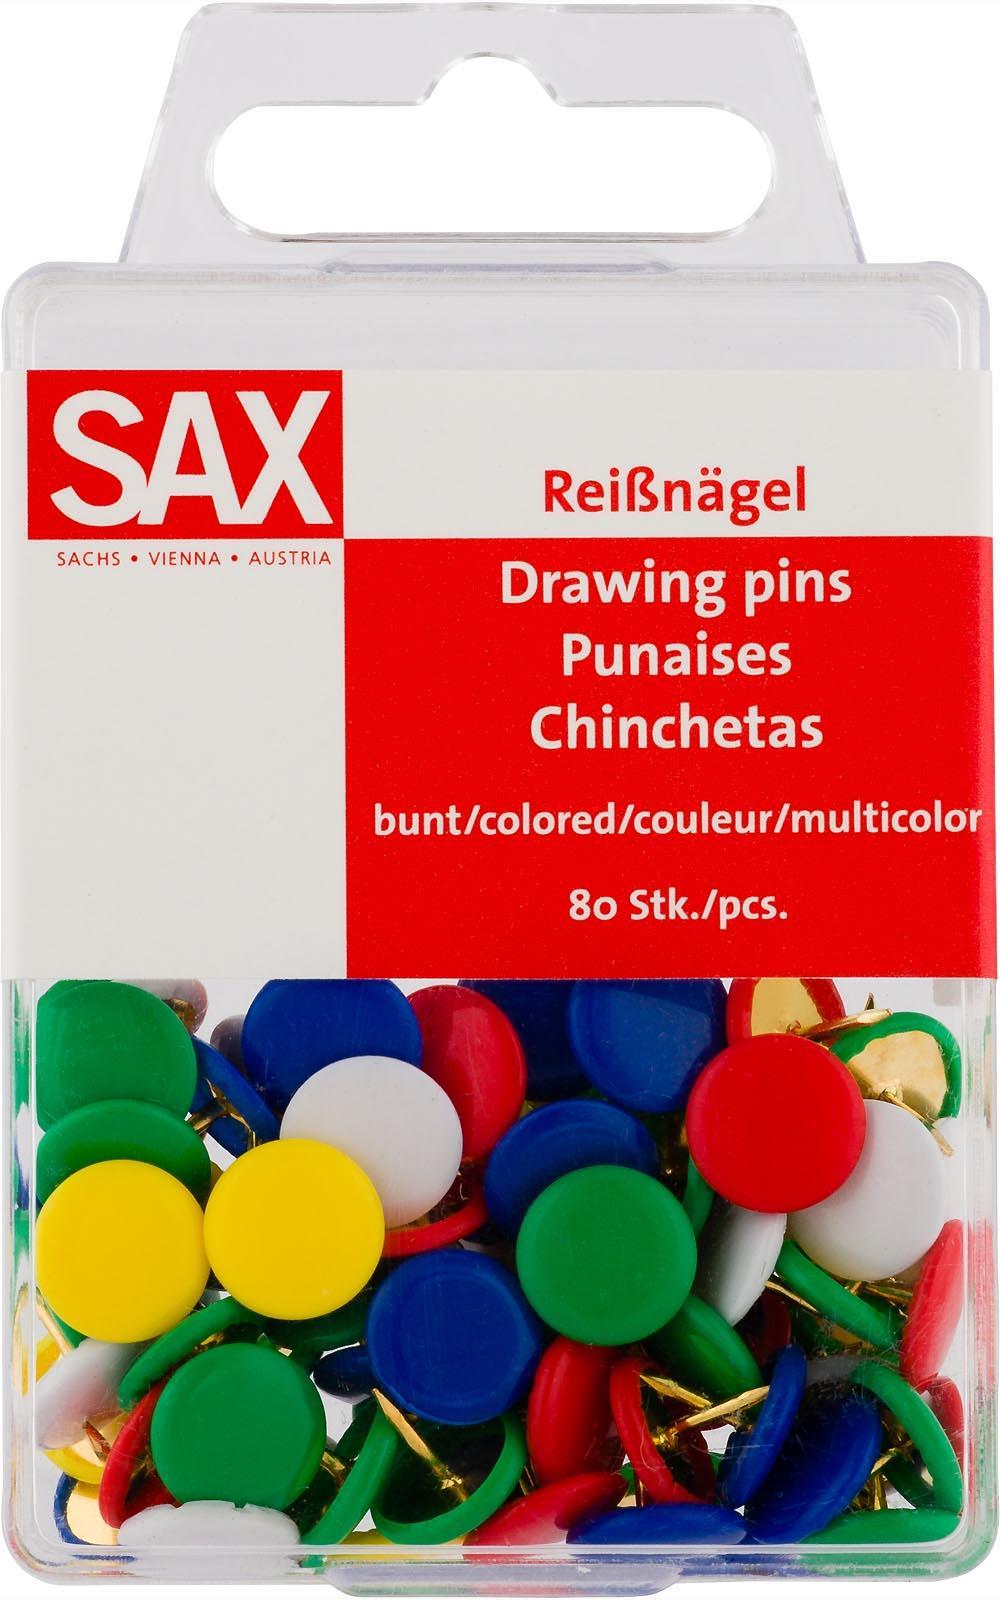 Πινέζες Sax πολύχρωμες 80 τεμ